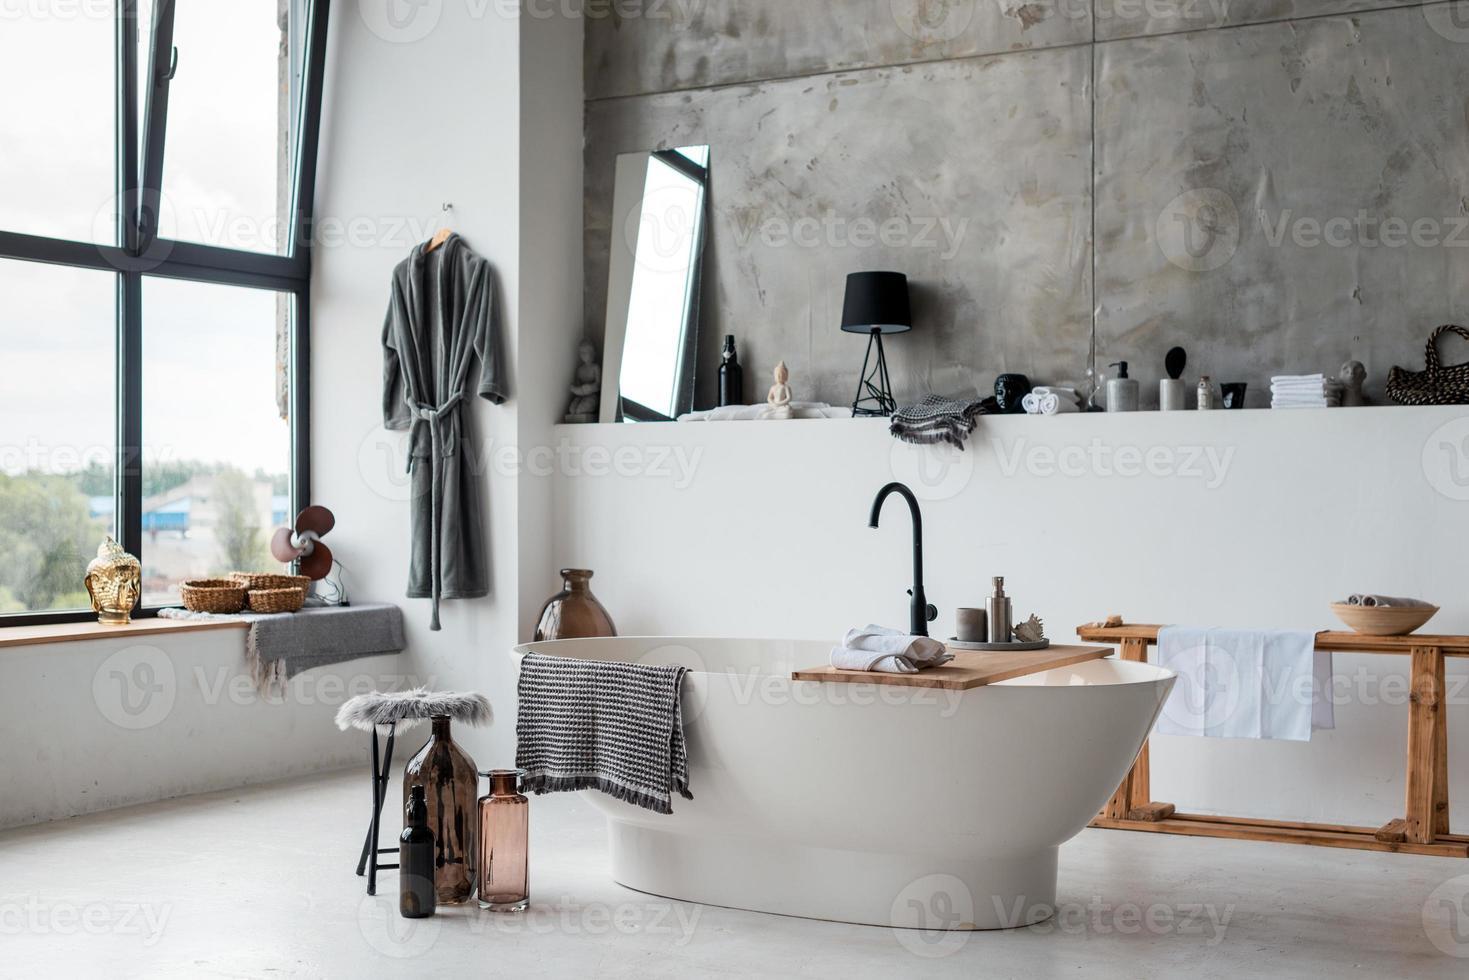 interior de banheiro elegante, móveis elegantes, encanamento e acessórios foto